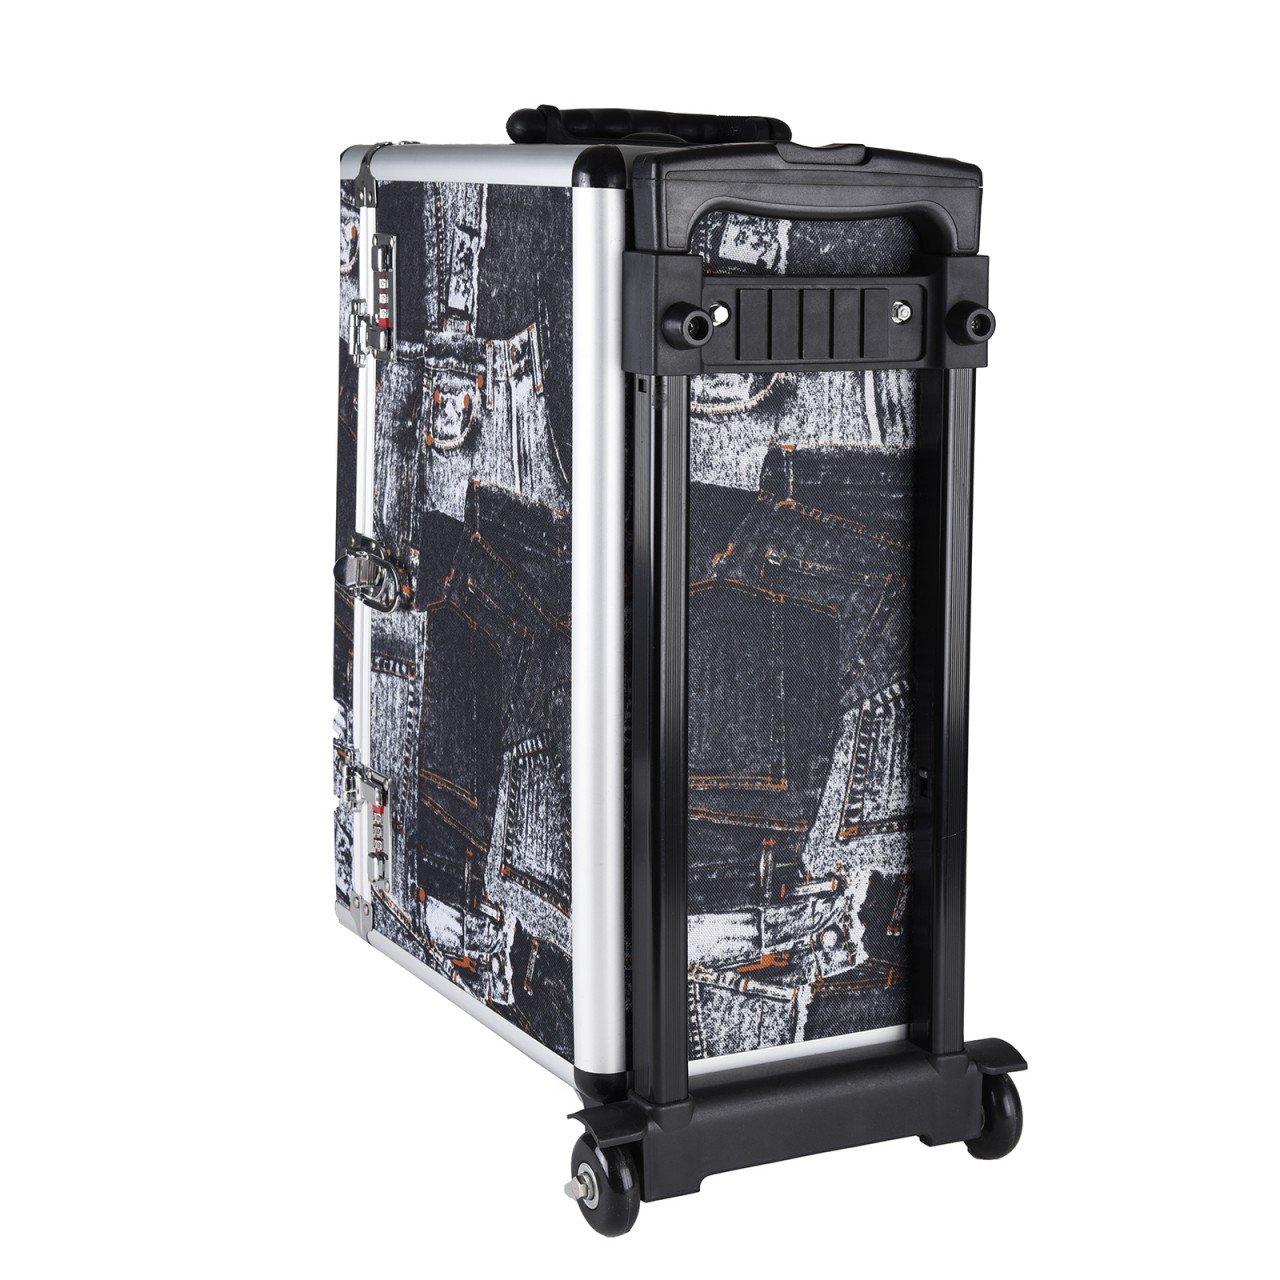 Trolley Pilotkoffer Reisetrolley Handgepäck Geschäftskoffer Mit Jeans-motiv Büro & Schreibwaren